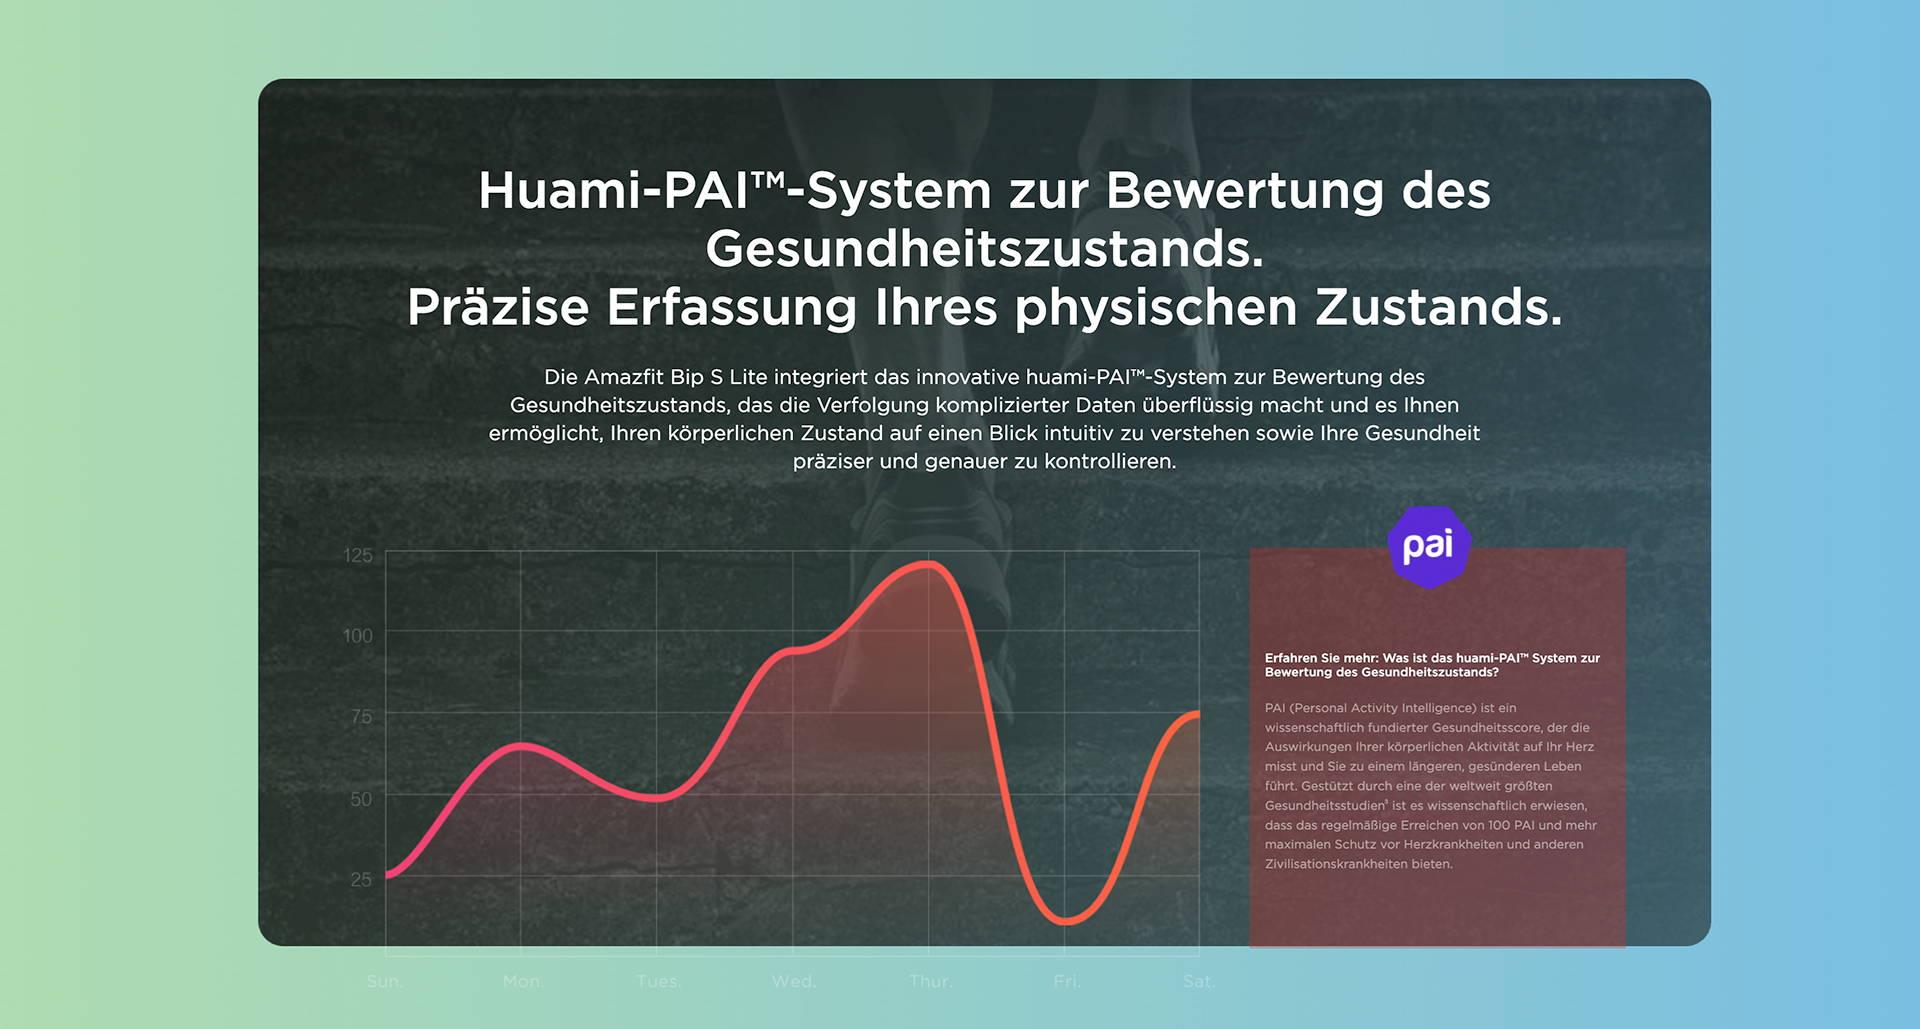 Amazfit DE - Amazfit Bip S Lite - Huami-PAI™-System zur Bewertung des Gesundheitszustands | Präzise Erfassung Ihres physischen Zustands.